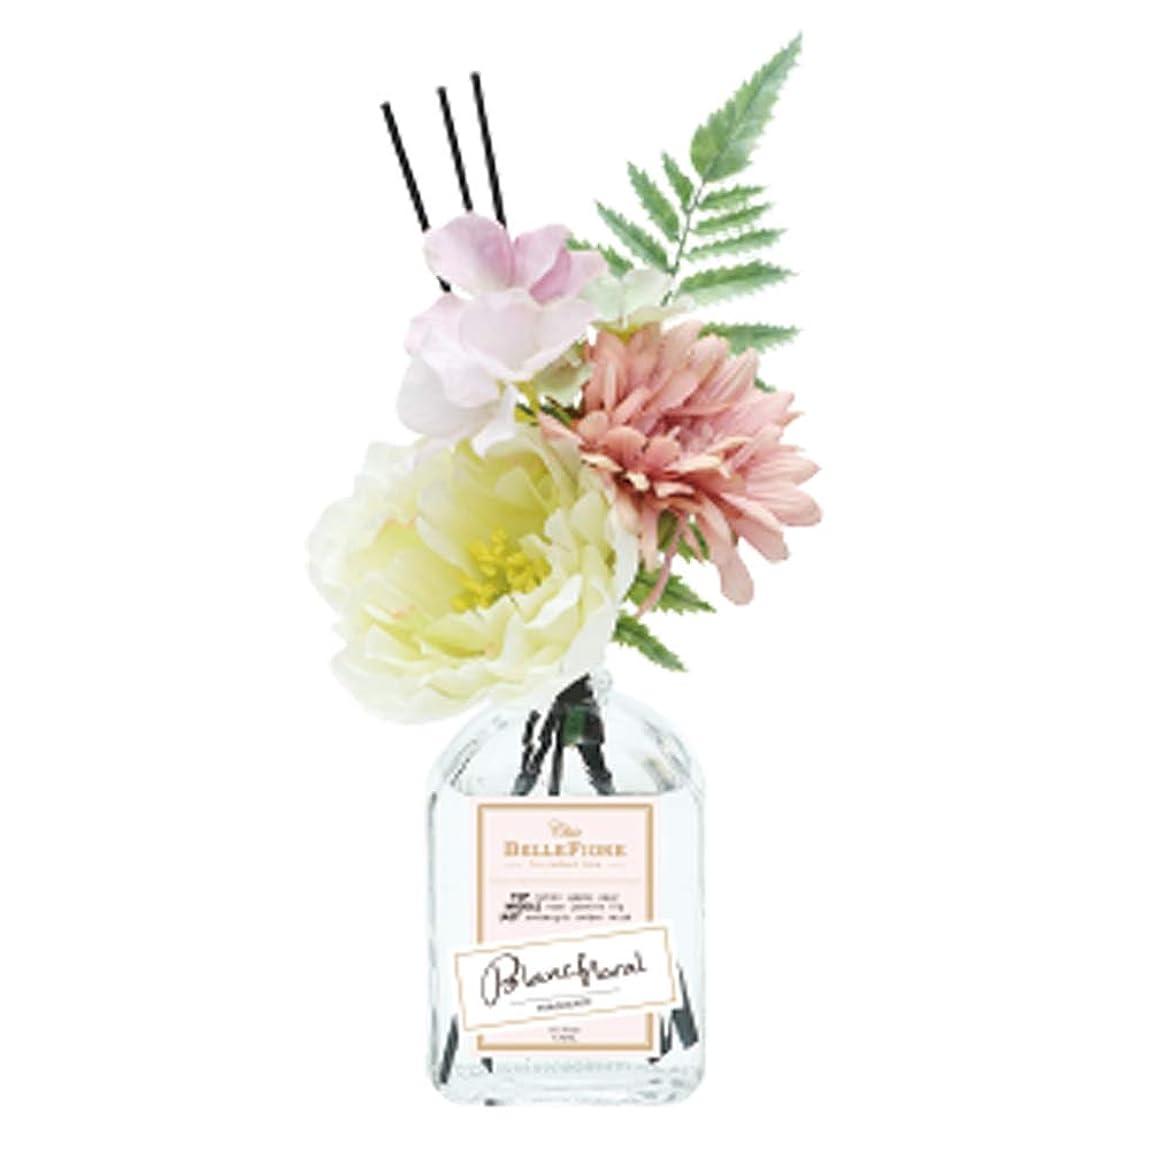 シンポジウム所持ベッツィトロットウッドノルコーポレーション リードディフューザー ベルフィオーレシック 170ml フルーティーフローラルの香り OA-BLE-4-1